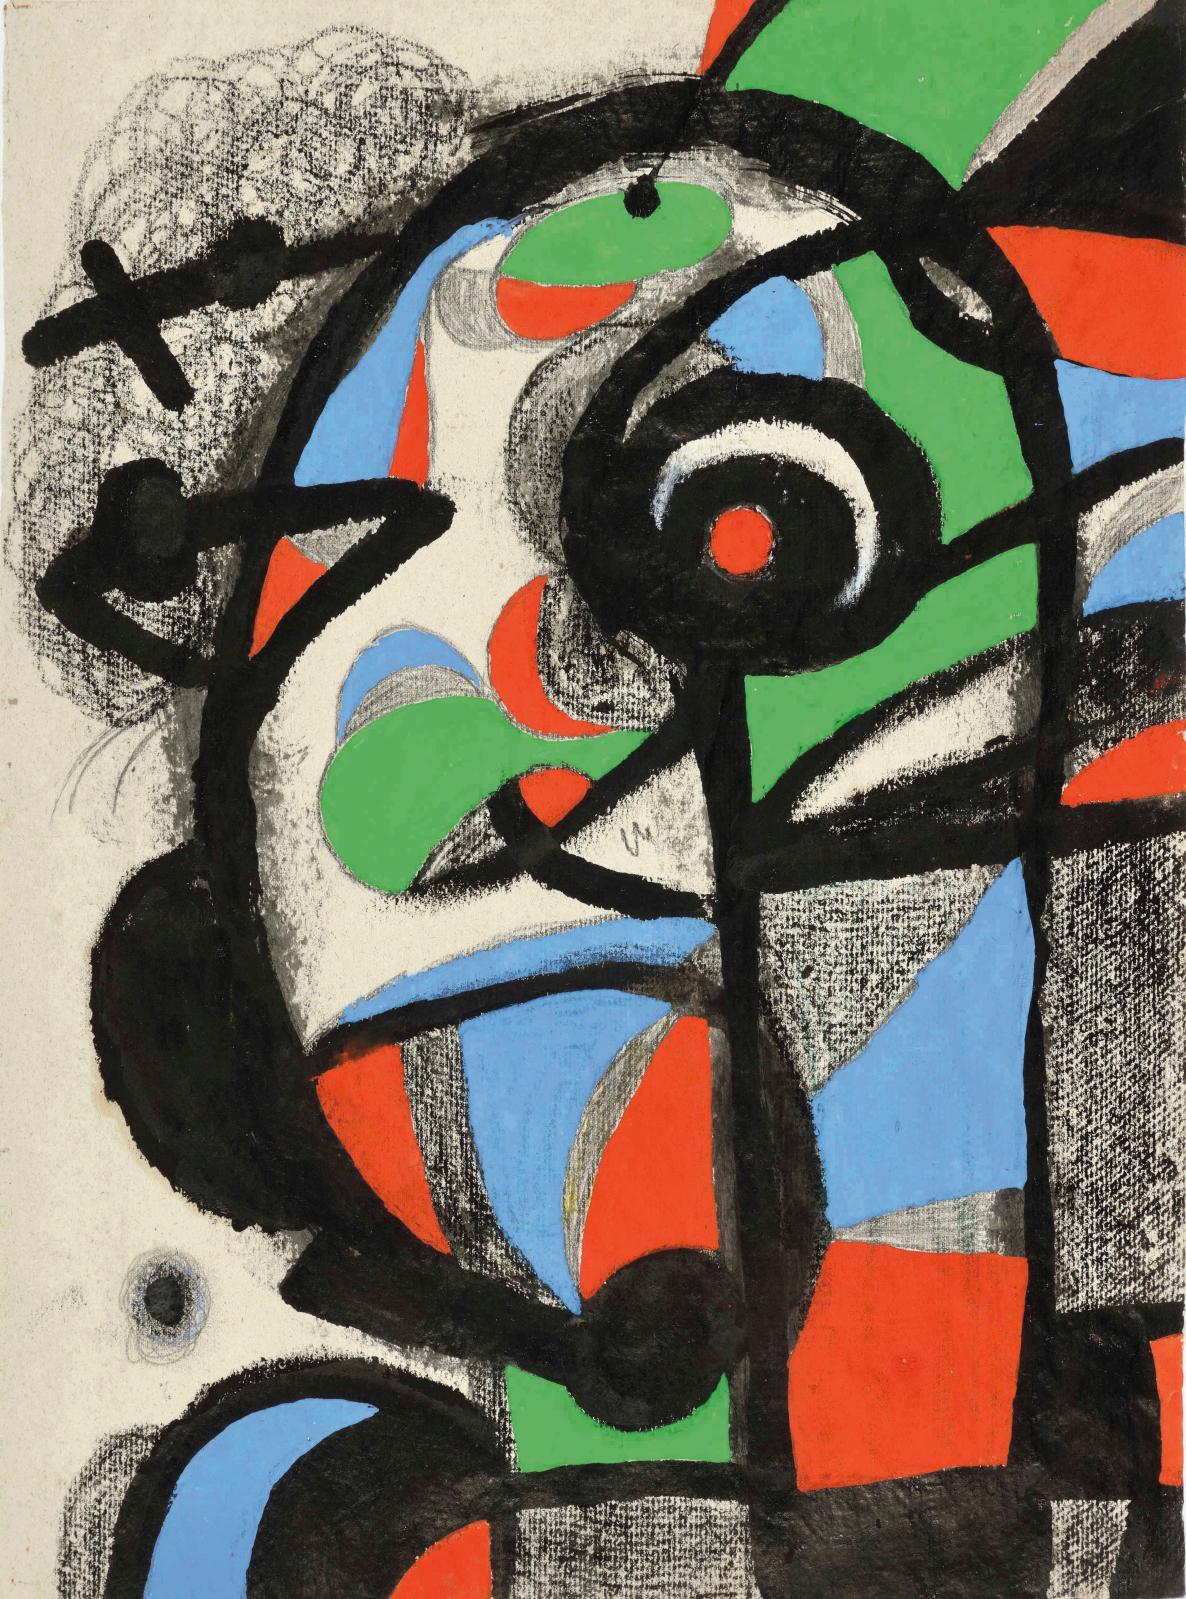 Joan Miró, Composition, 1981, gouache, encre et crayon sur papier, 56 x 40 cm. Galeria Jordi Pascual. © Succession Miró, ADAGP, Paris, 202